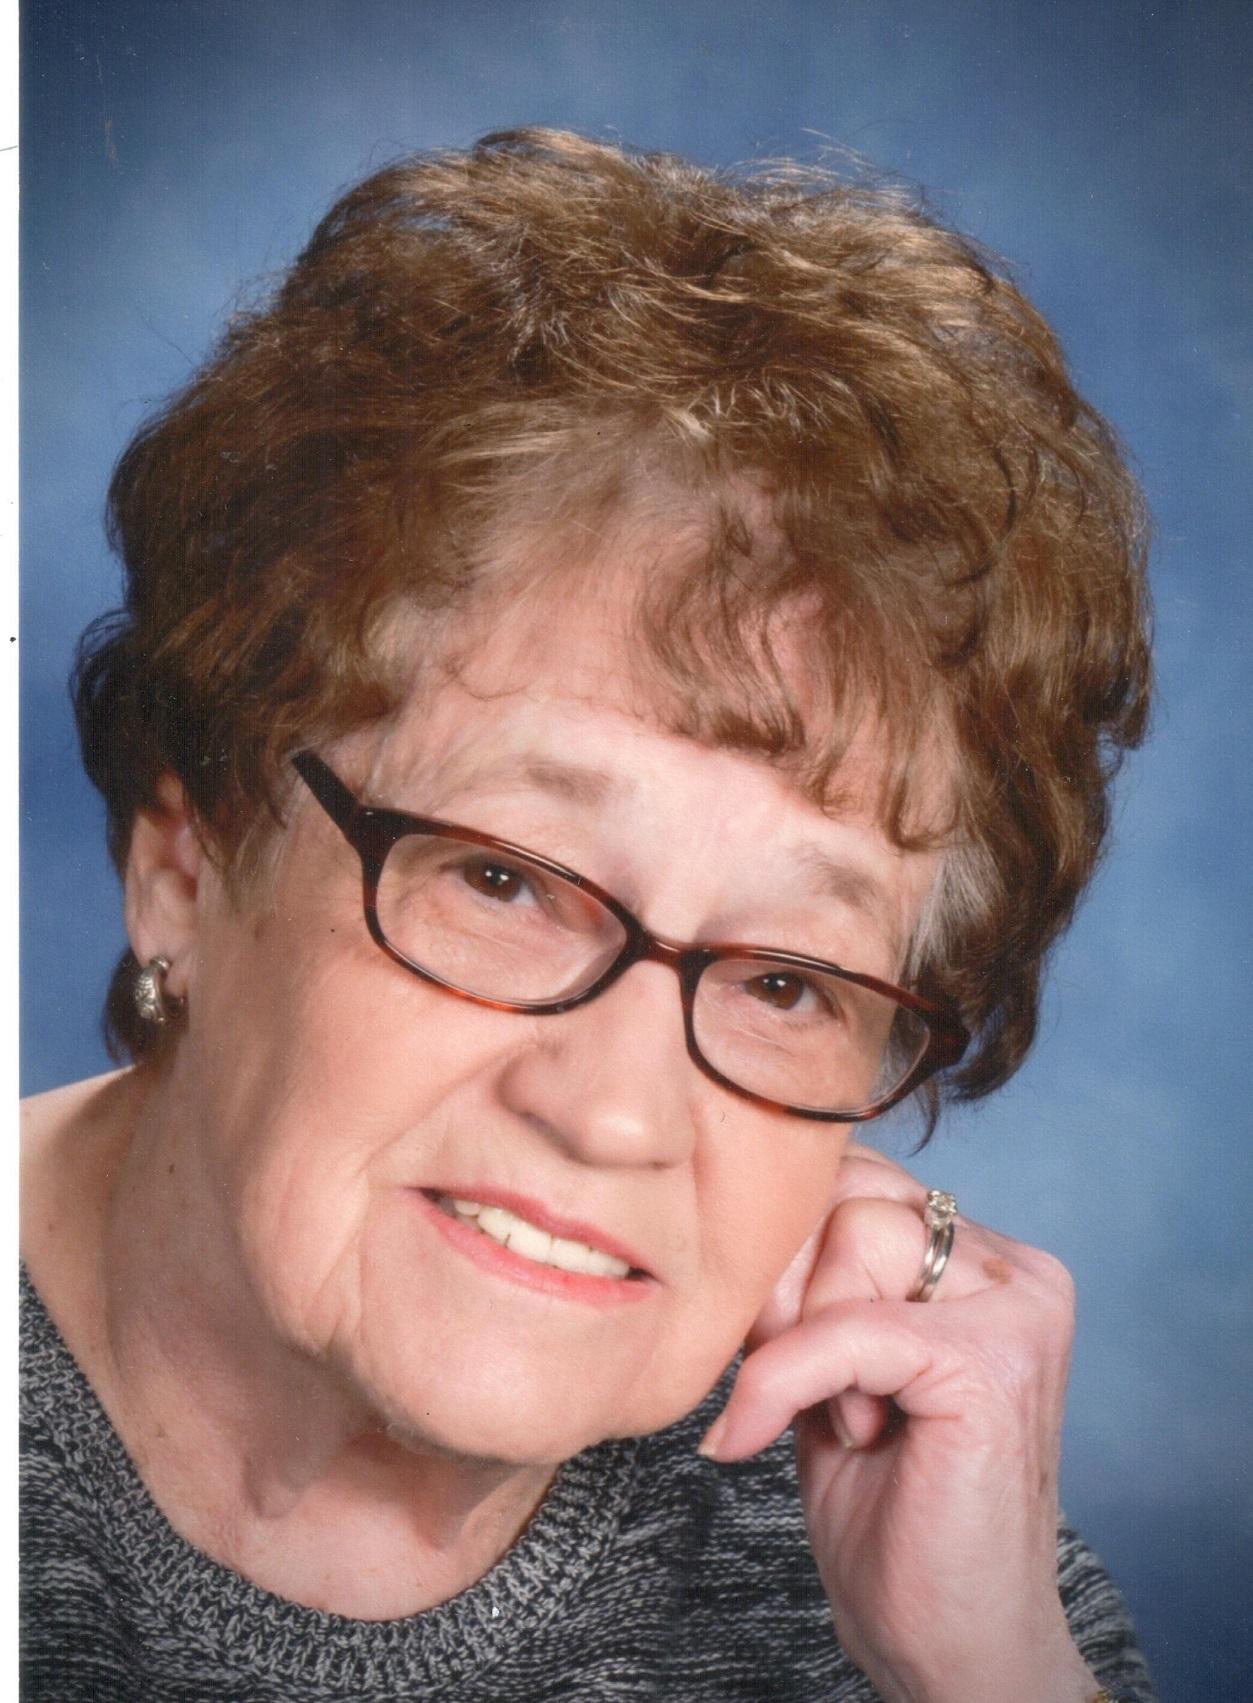 Doris J. Schnell, age 86 of Schnellville